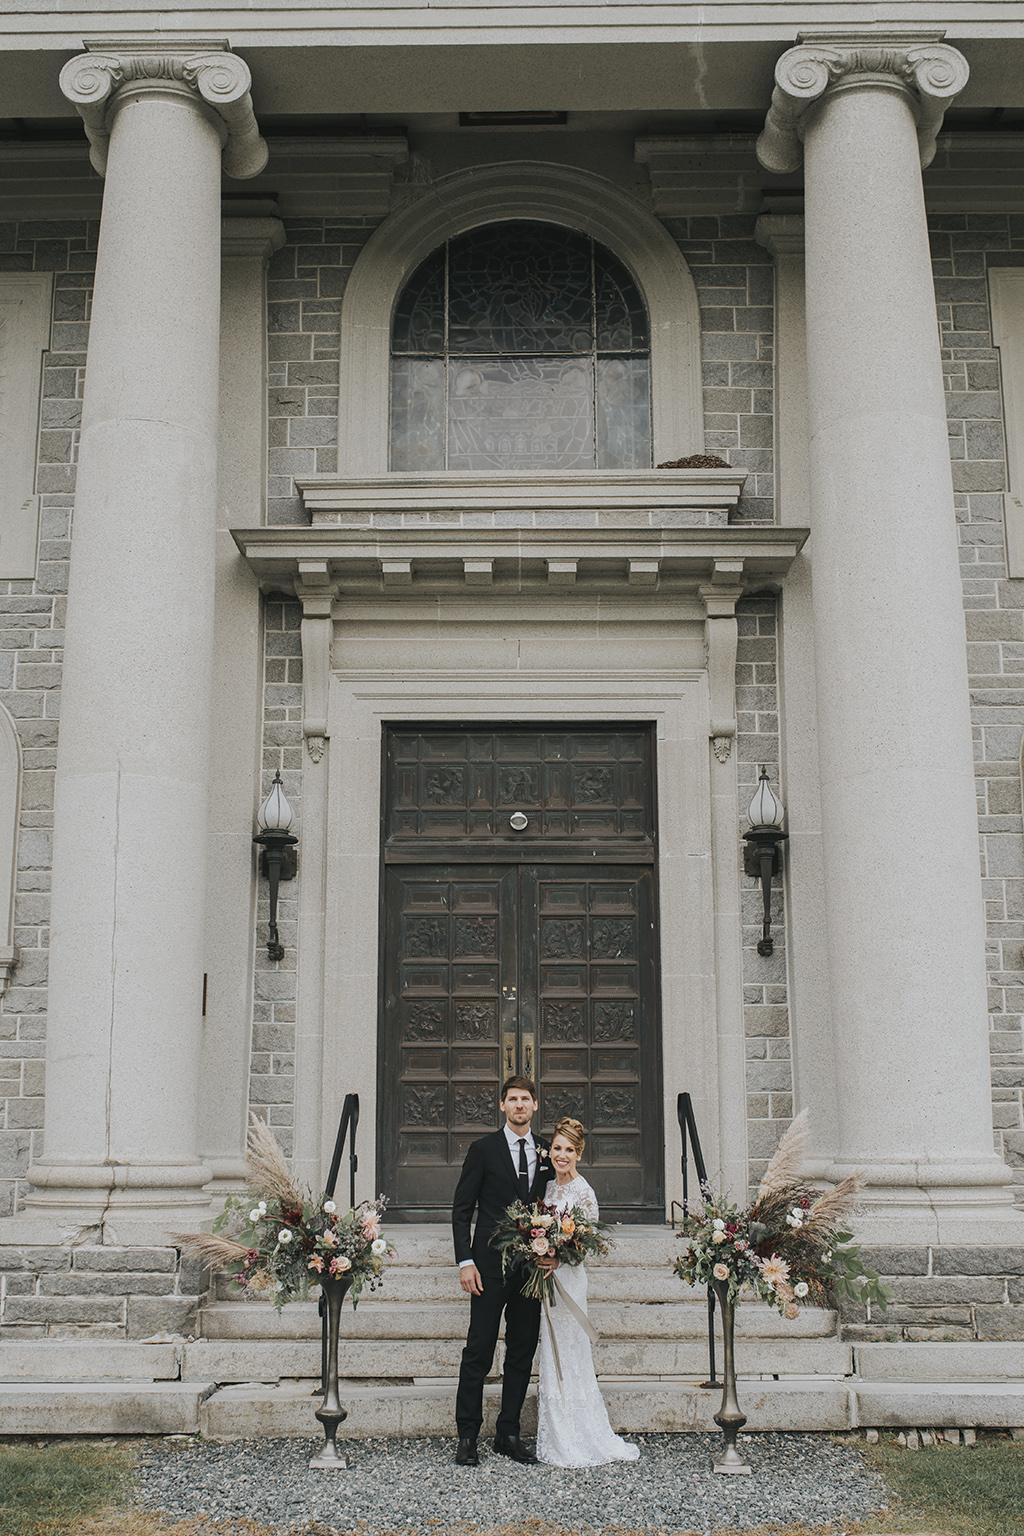 New Hampshire bride